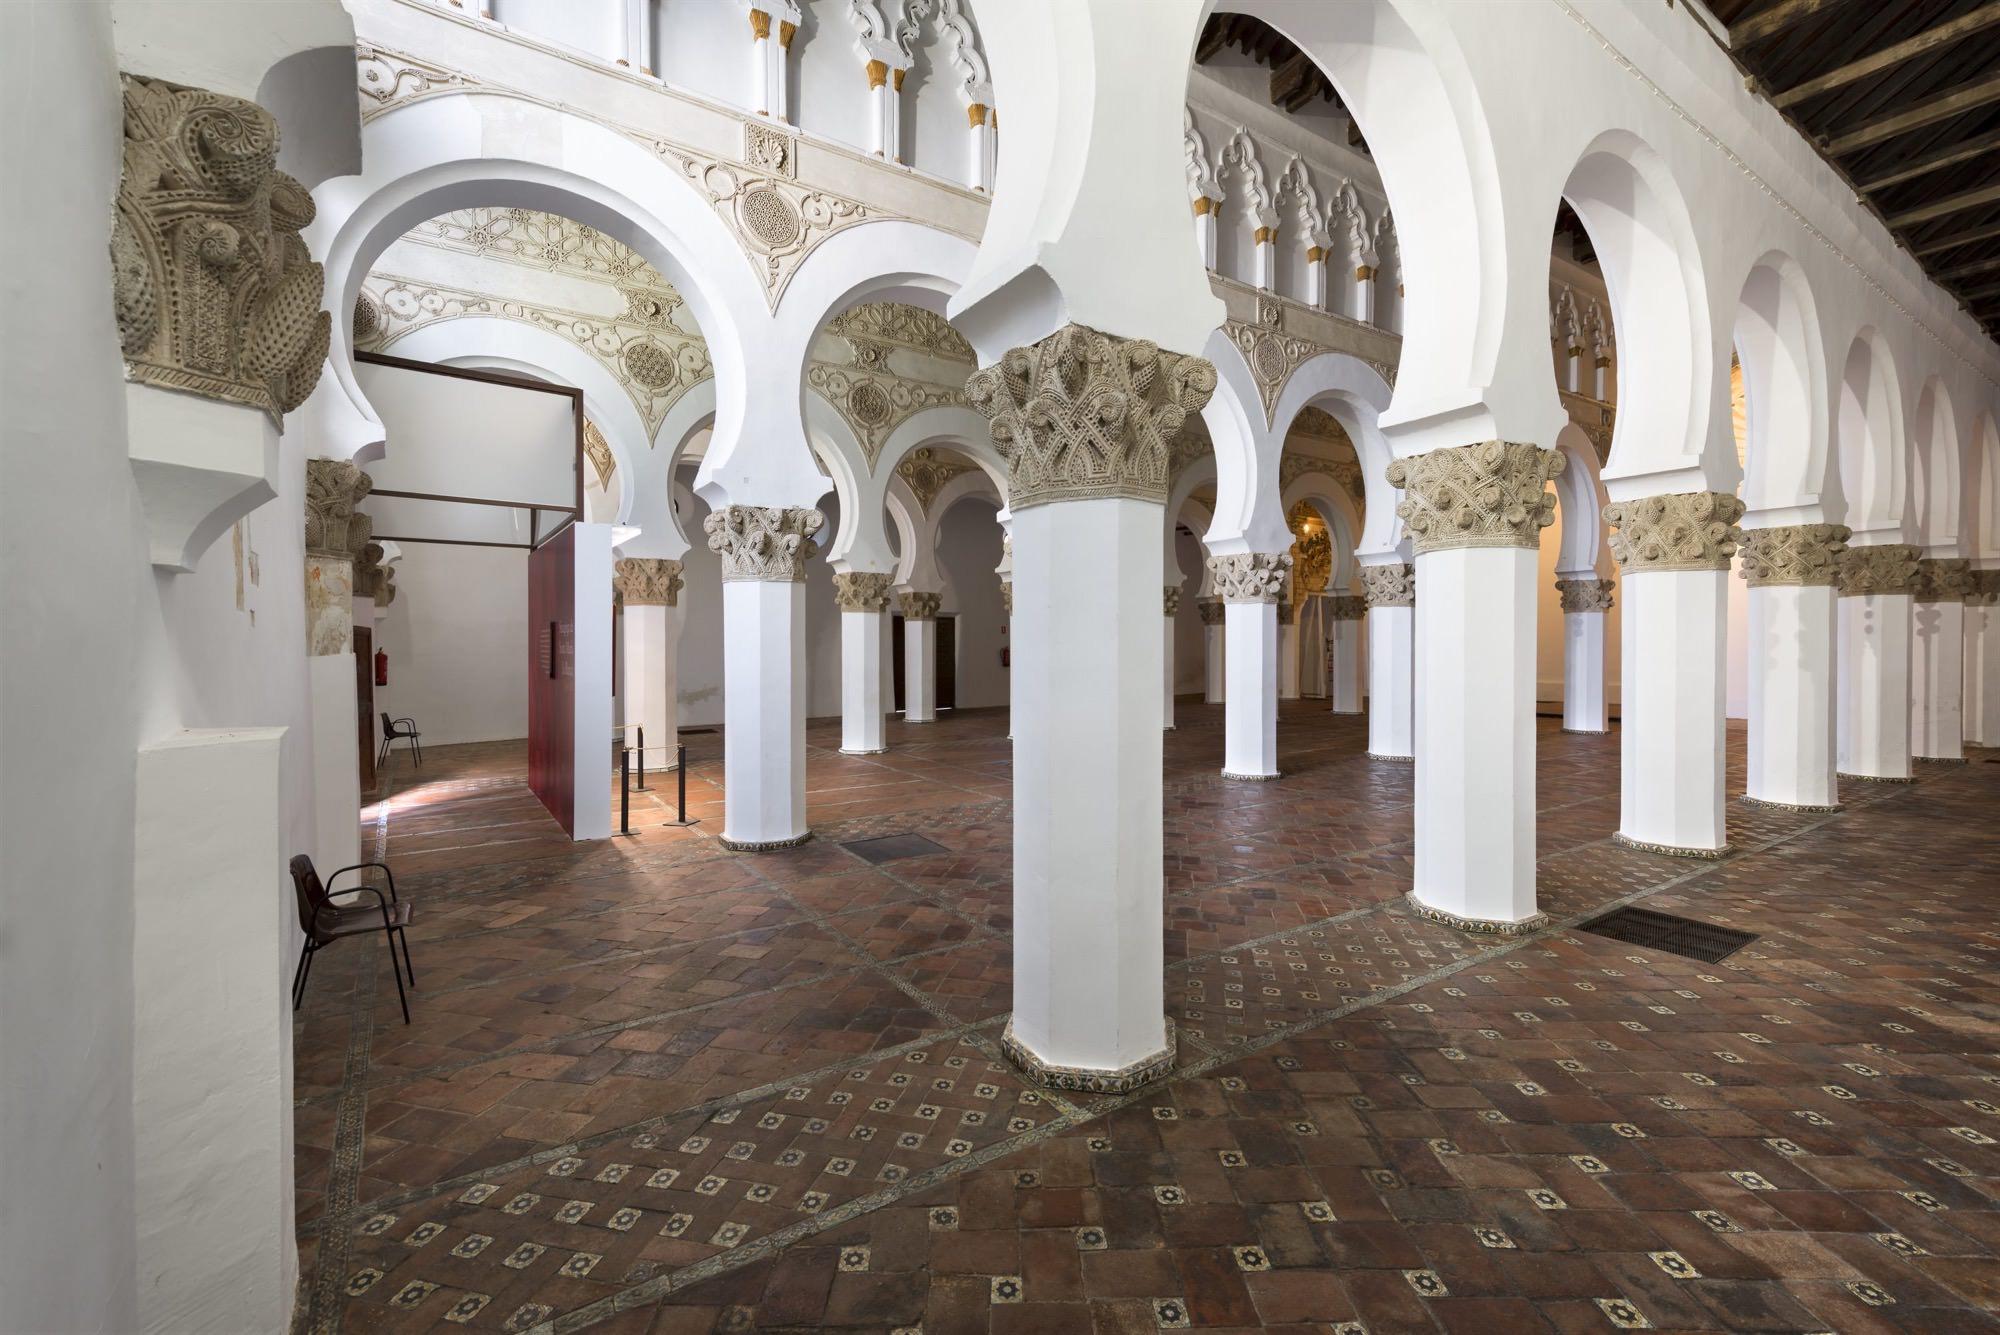 Бывшая синагога Санта-Мария-ла-Бланка